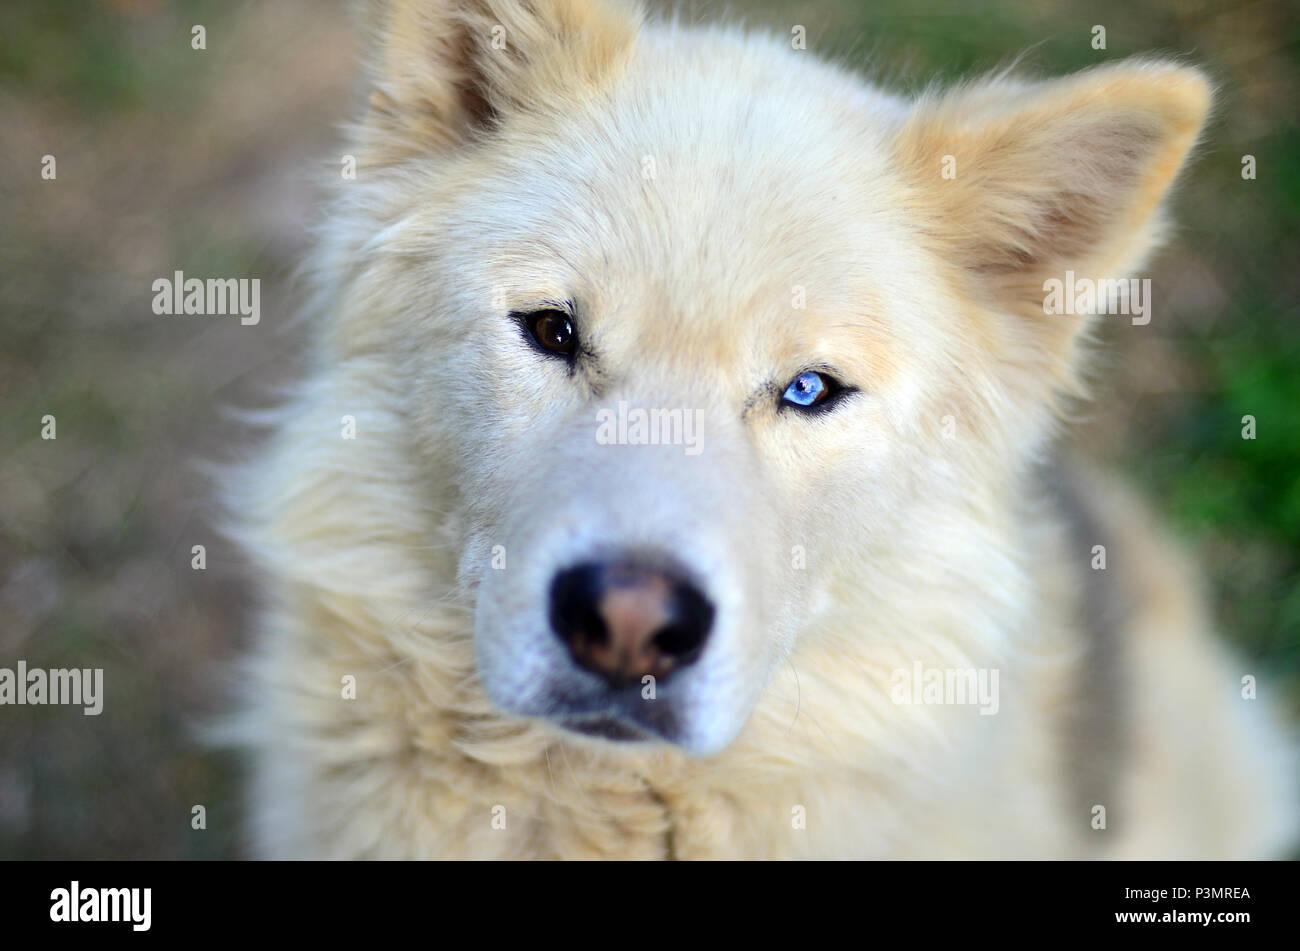 Portrait of the White Siberian Samoyed husky dog with